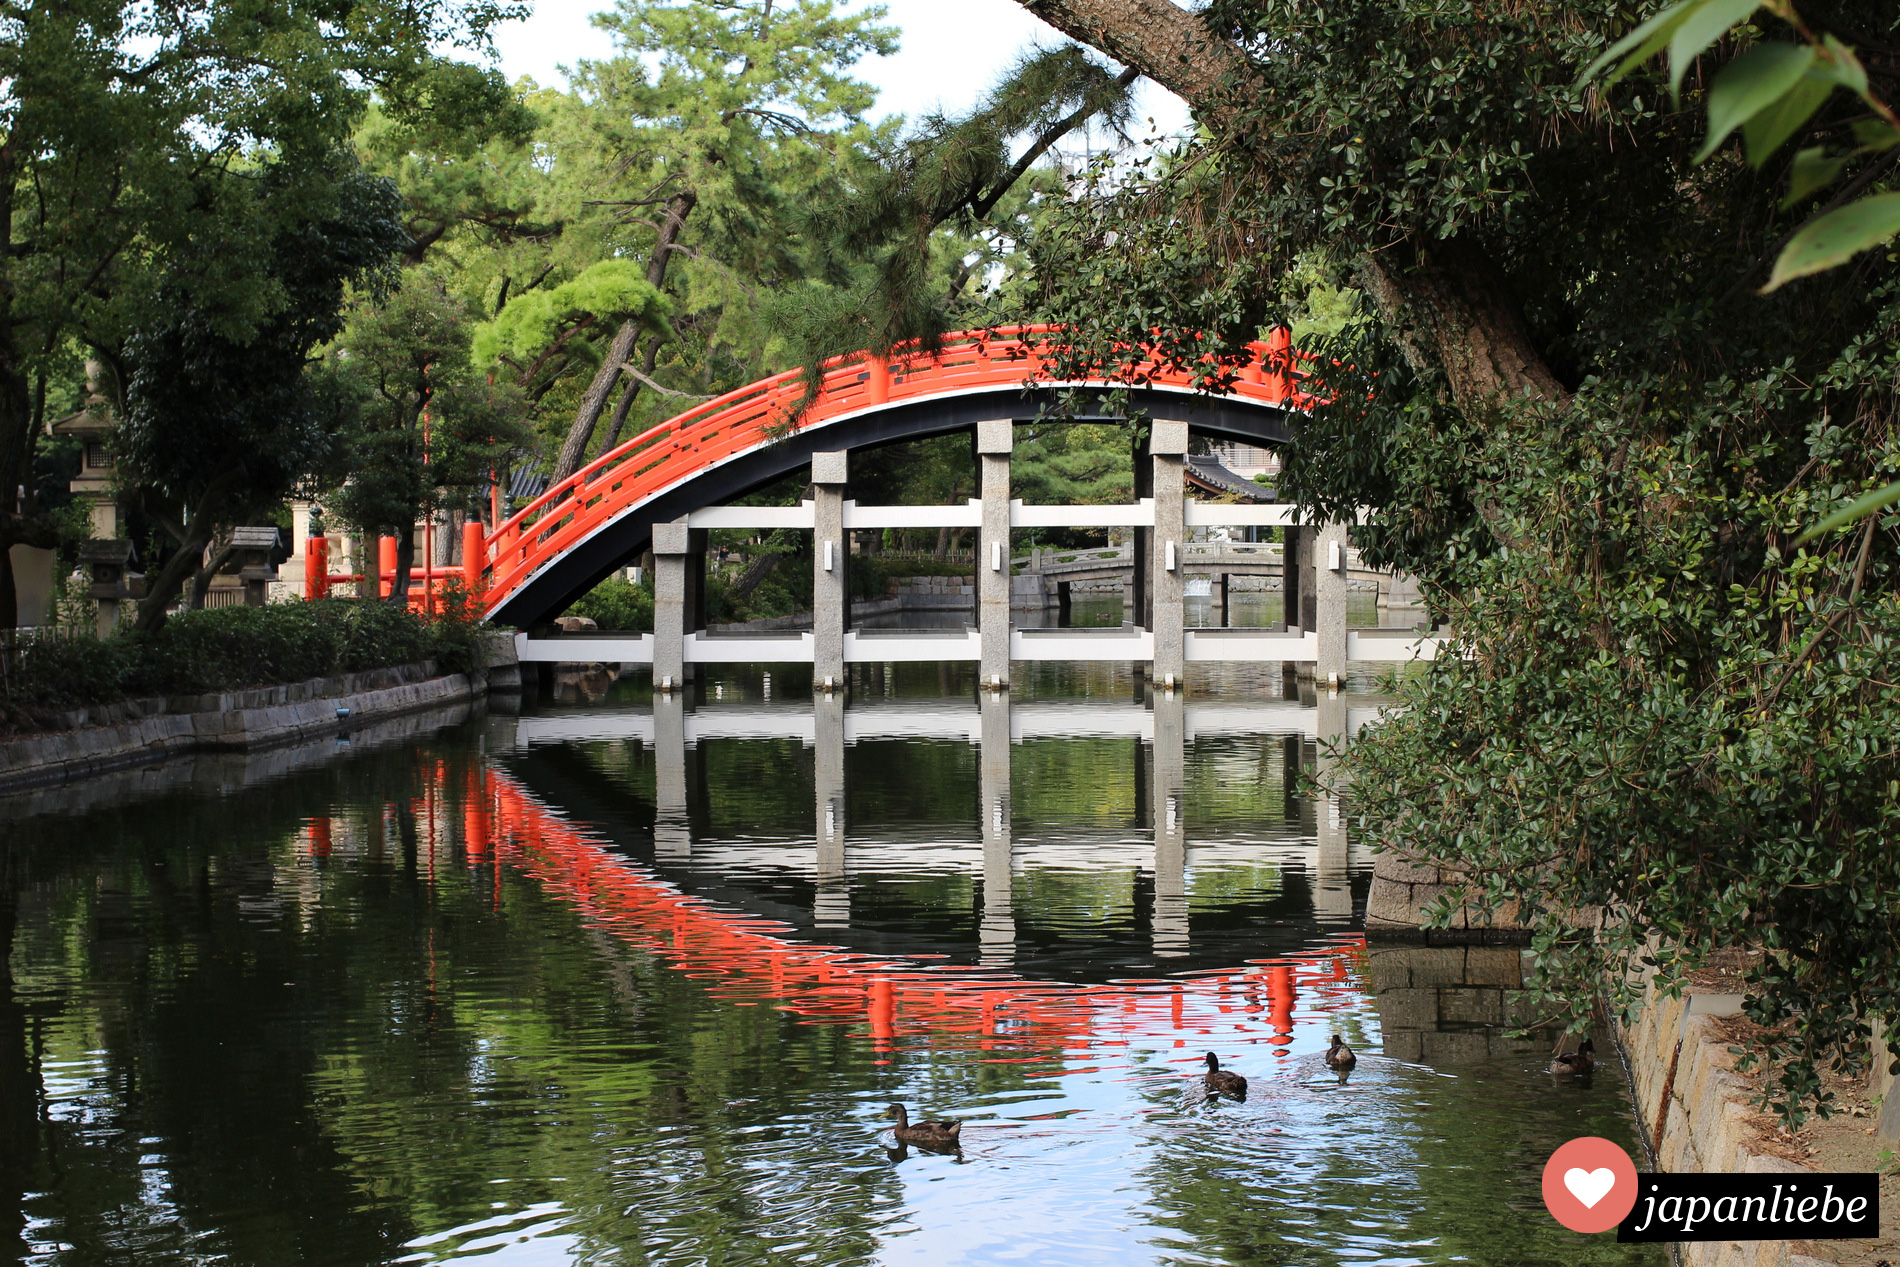 Die wunderschöne Sorihashi Brücke am Sumiyoshia Taisha Schrein in Ōsaka spiegelt sich im Wasser.